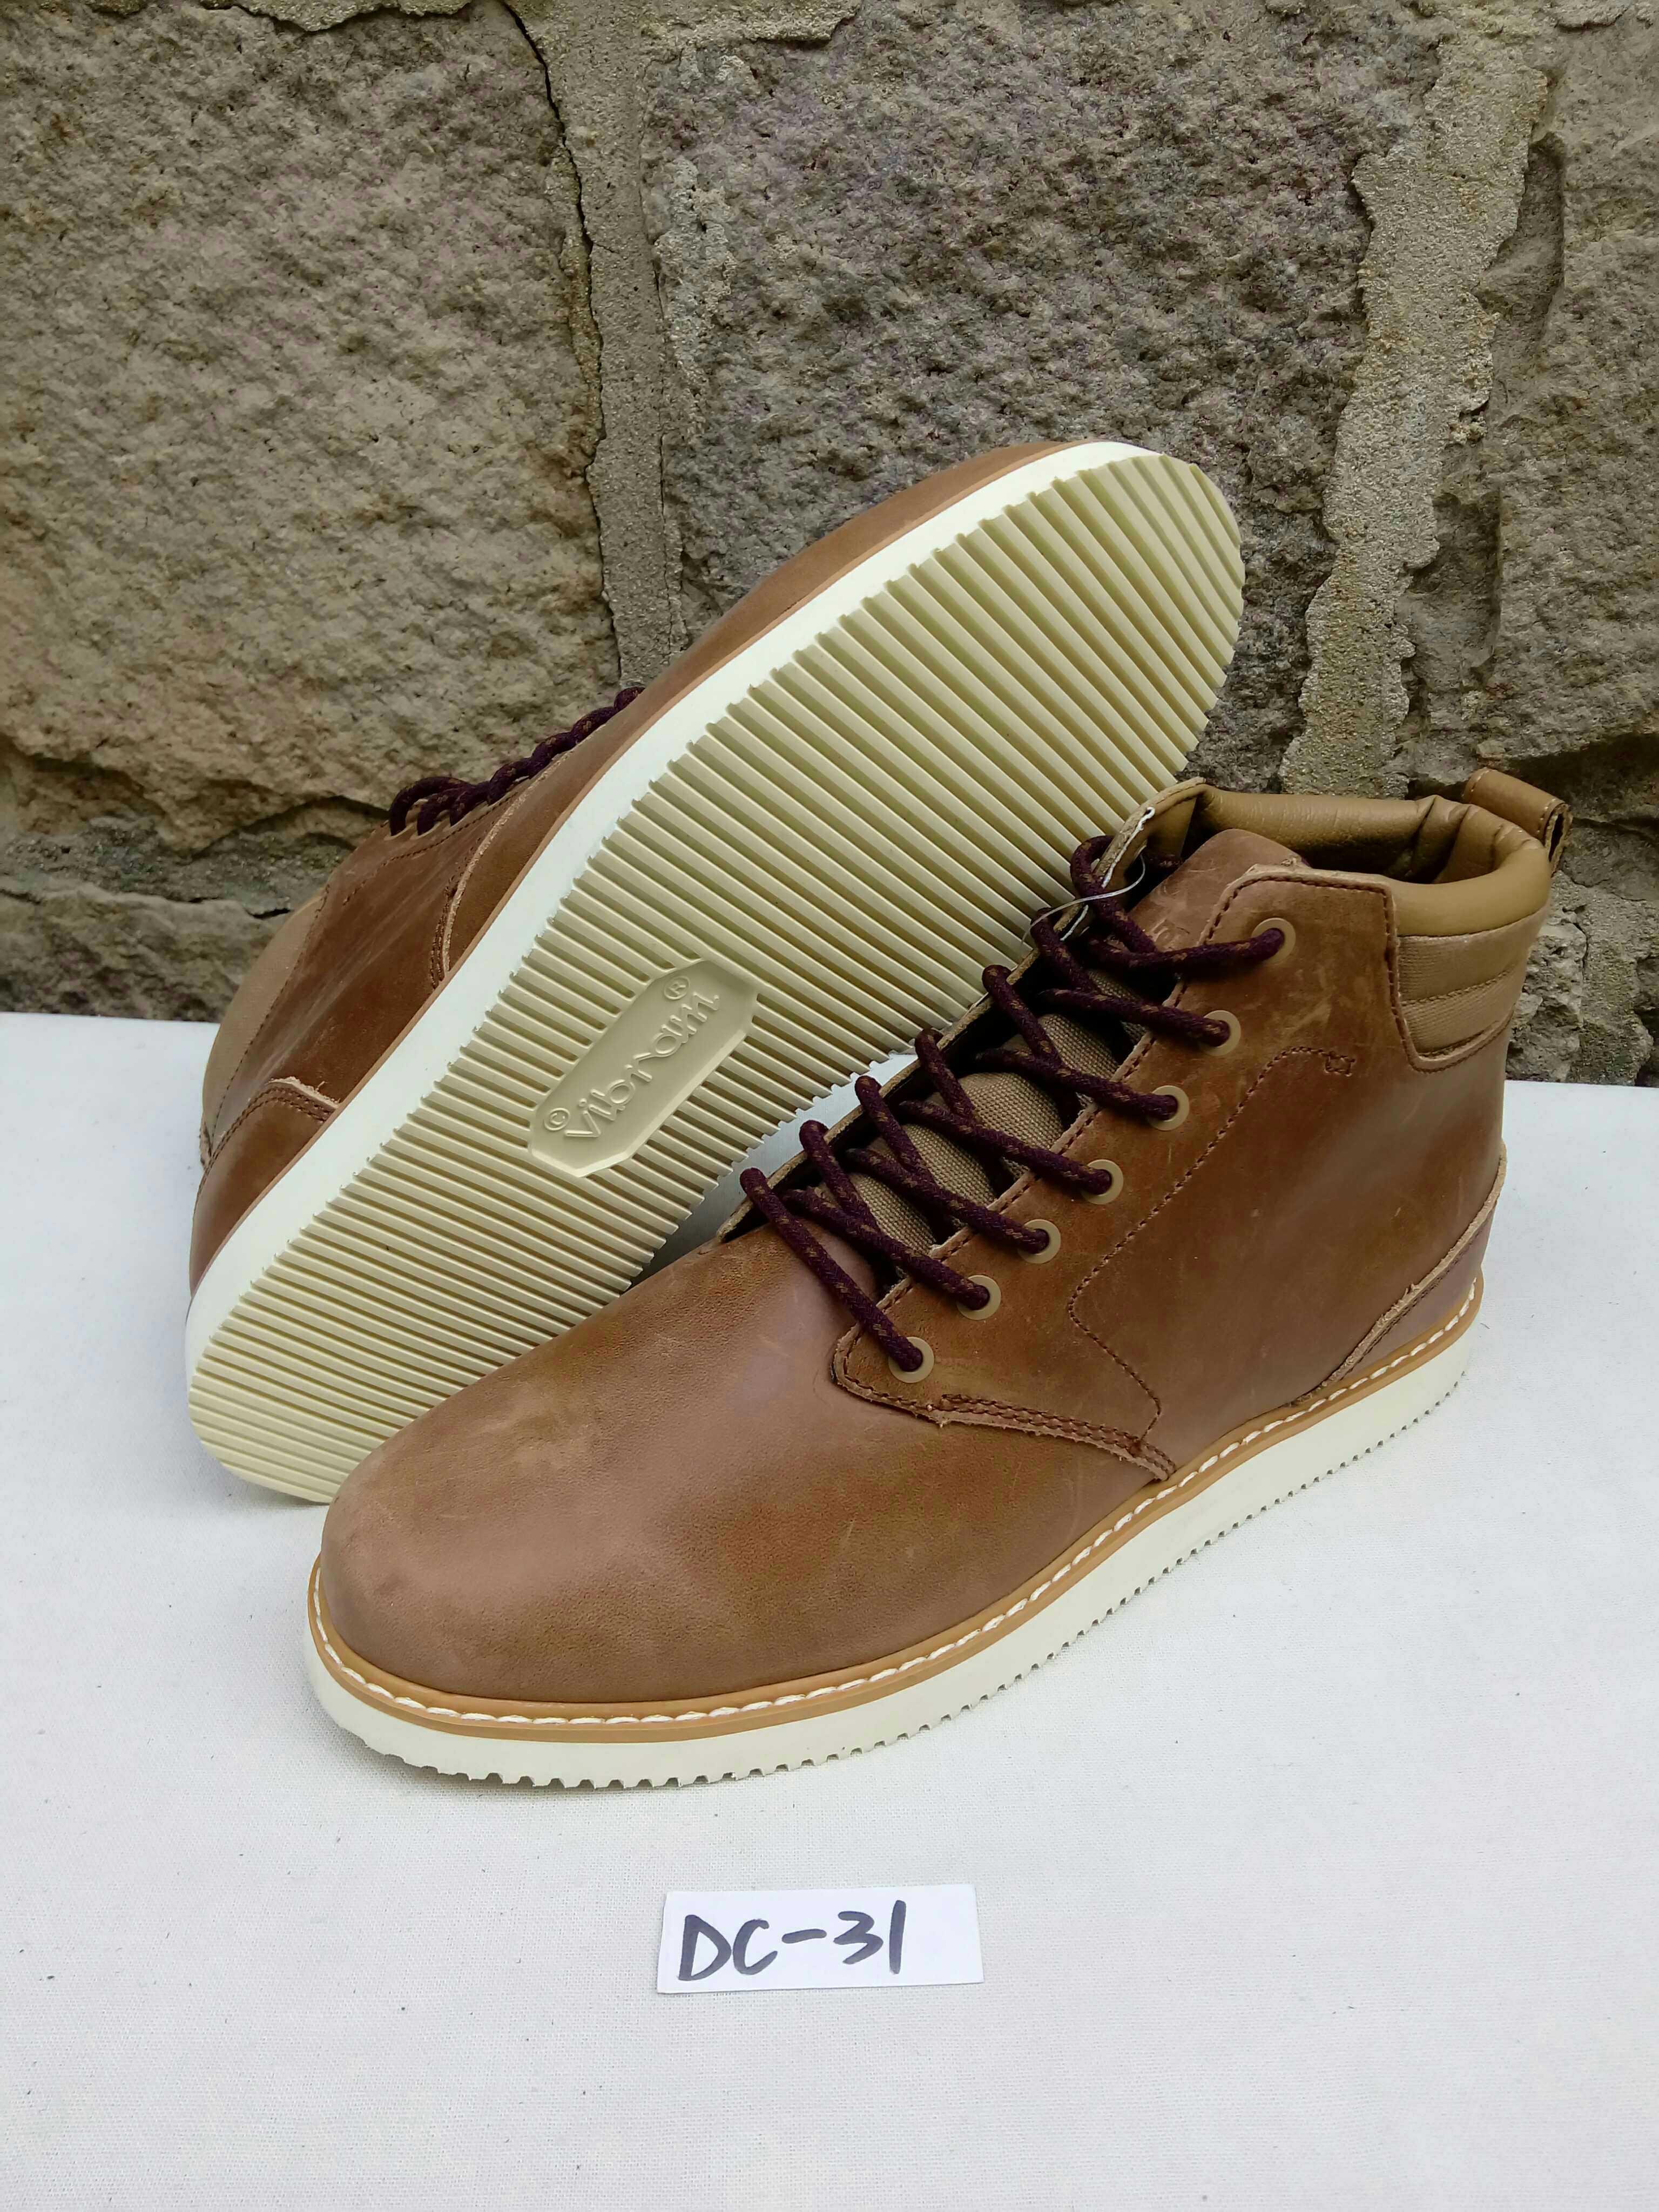 DC滑板鞋高帮牛皮另ADIO LAkAI cIRcA DvS工装男靴休闲鞋